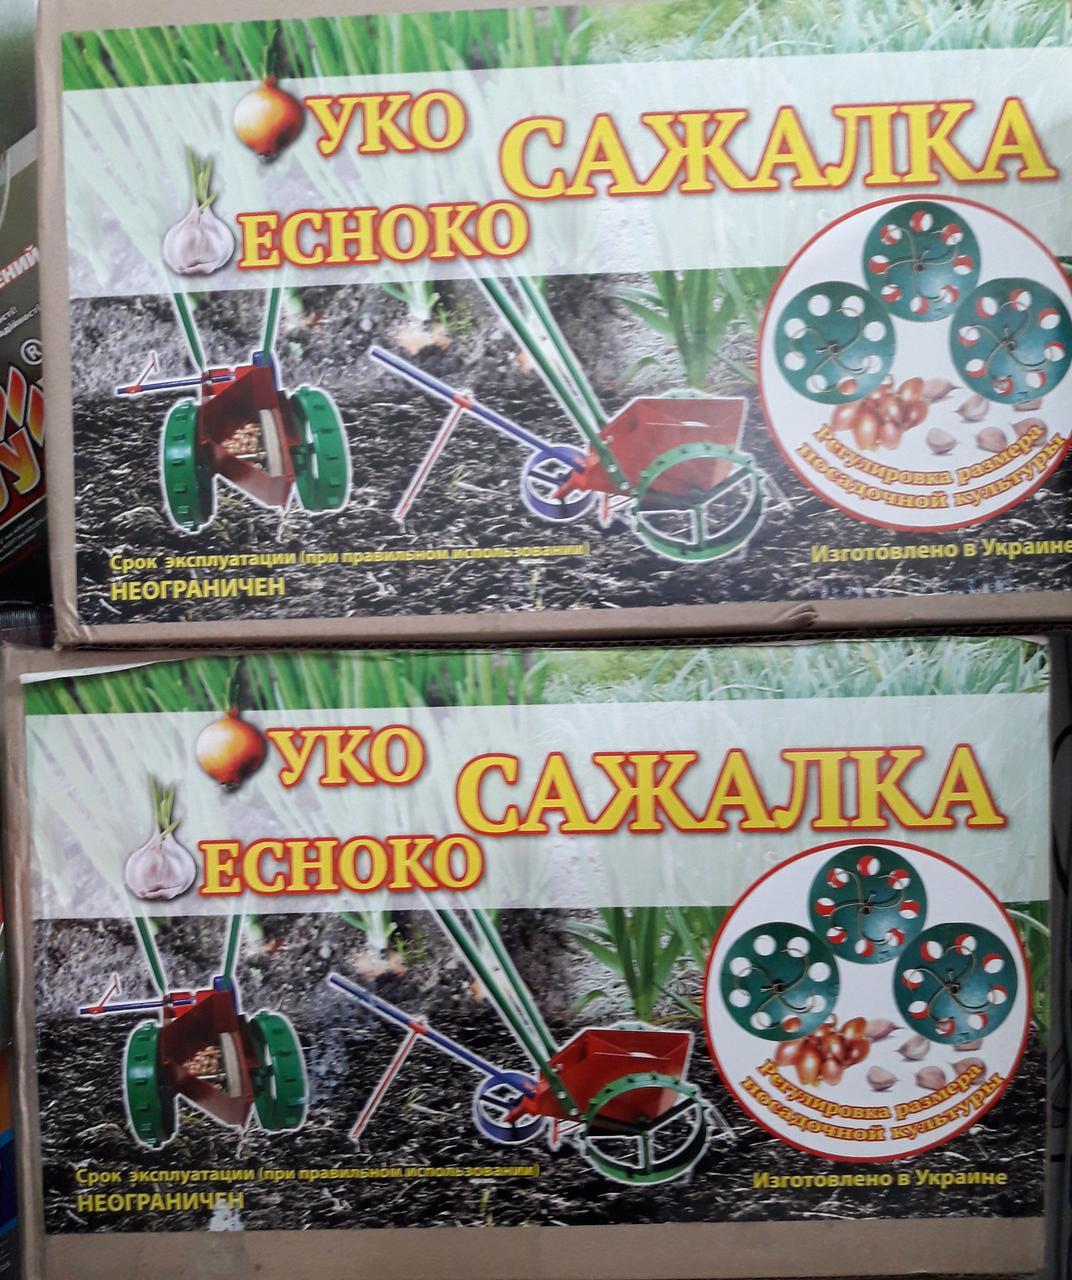 Луко-Чеснокосажалка ручна механічна саджалка для цибулі та часнику